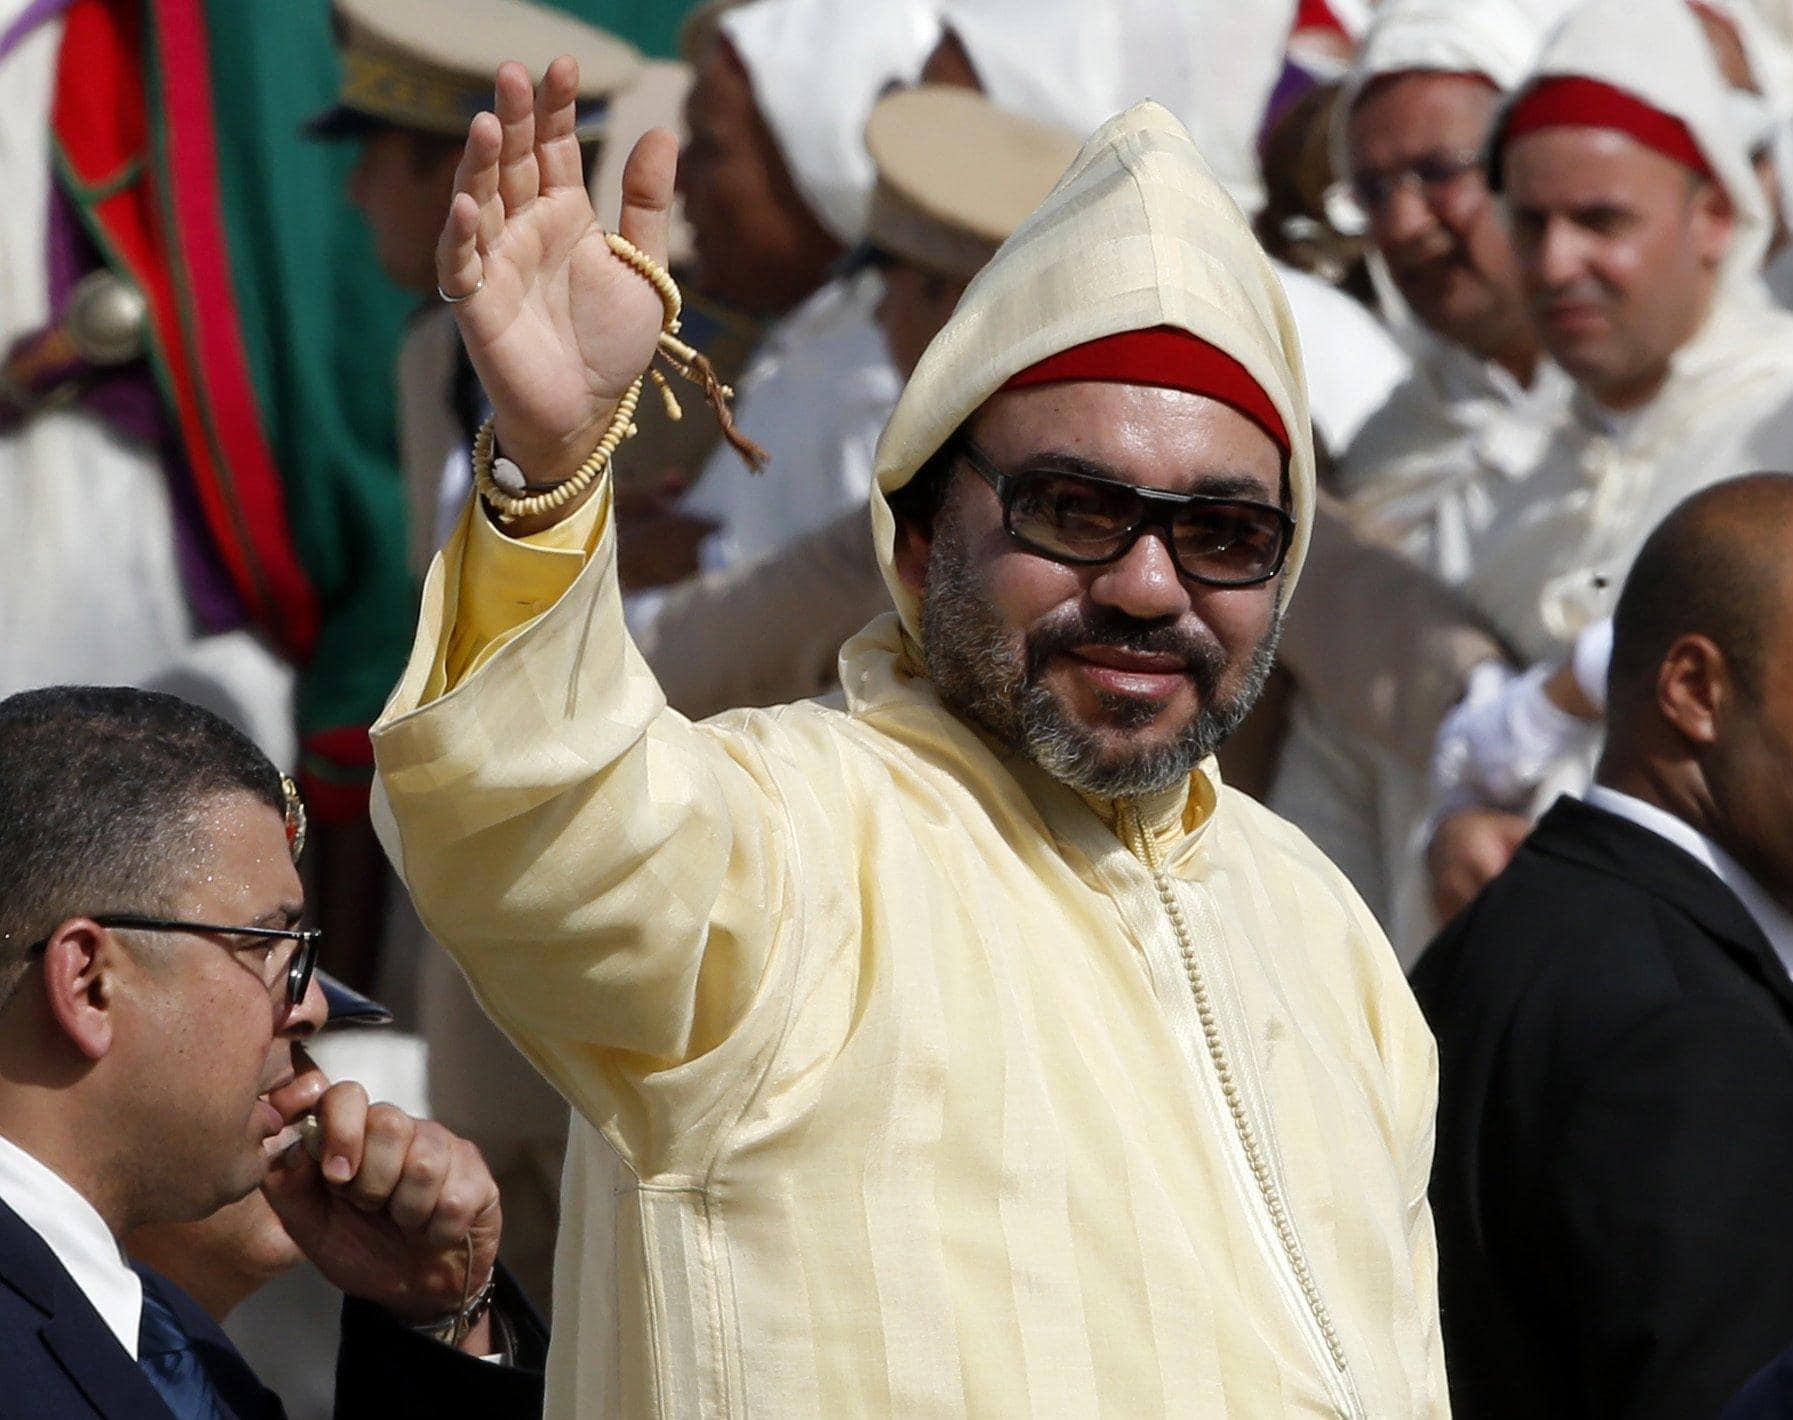 Auch Marokko normalisiert Beziehungen zu Israel «Historischer Durchbruch»